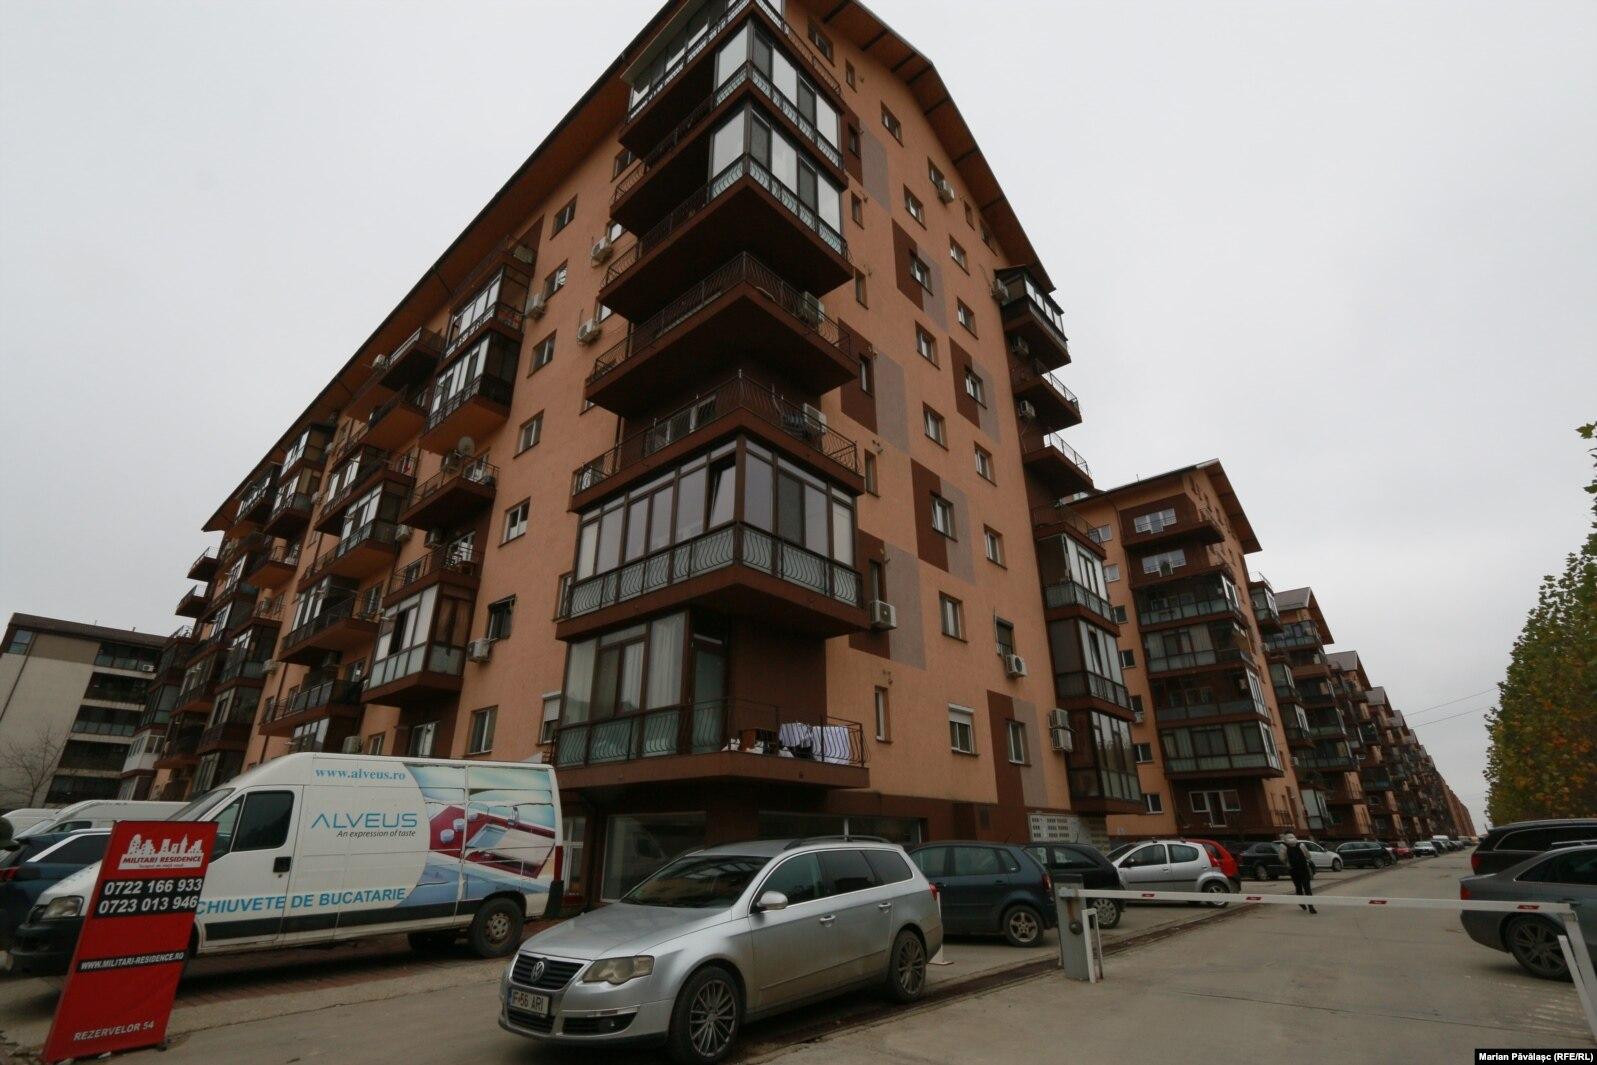 În unele zone din București și Ilfov s-au construit și câte 20-30 de blocuri identice, unul lângă altul